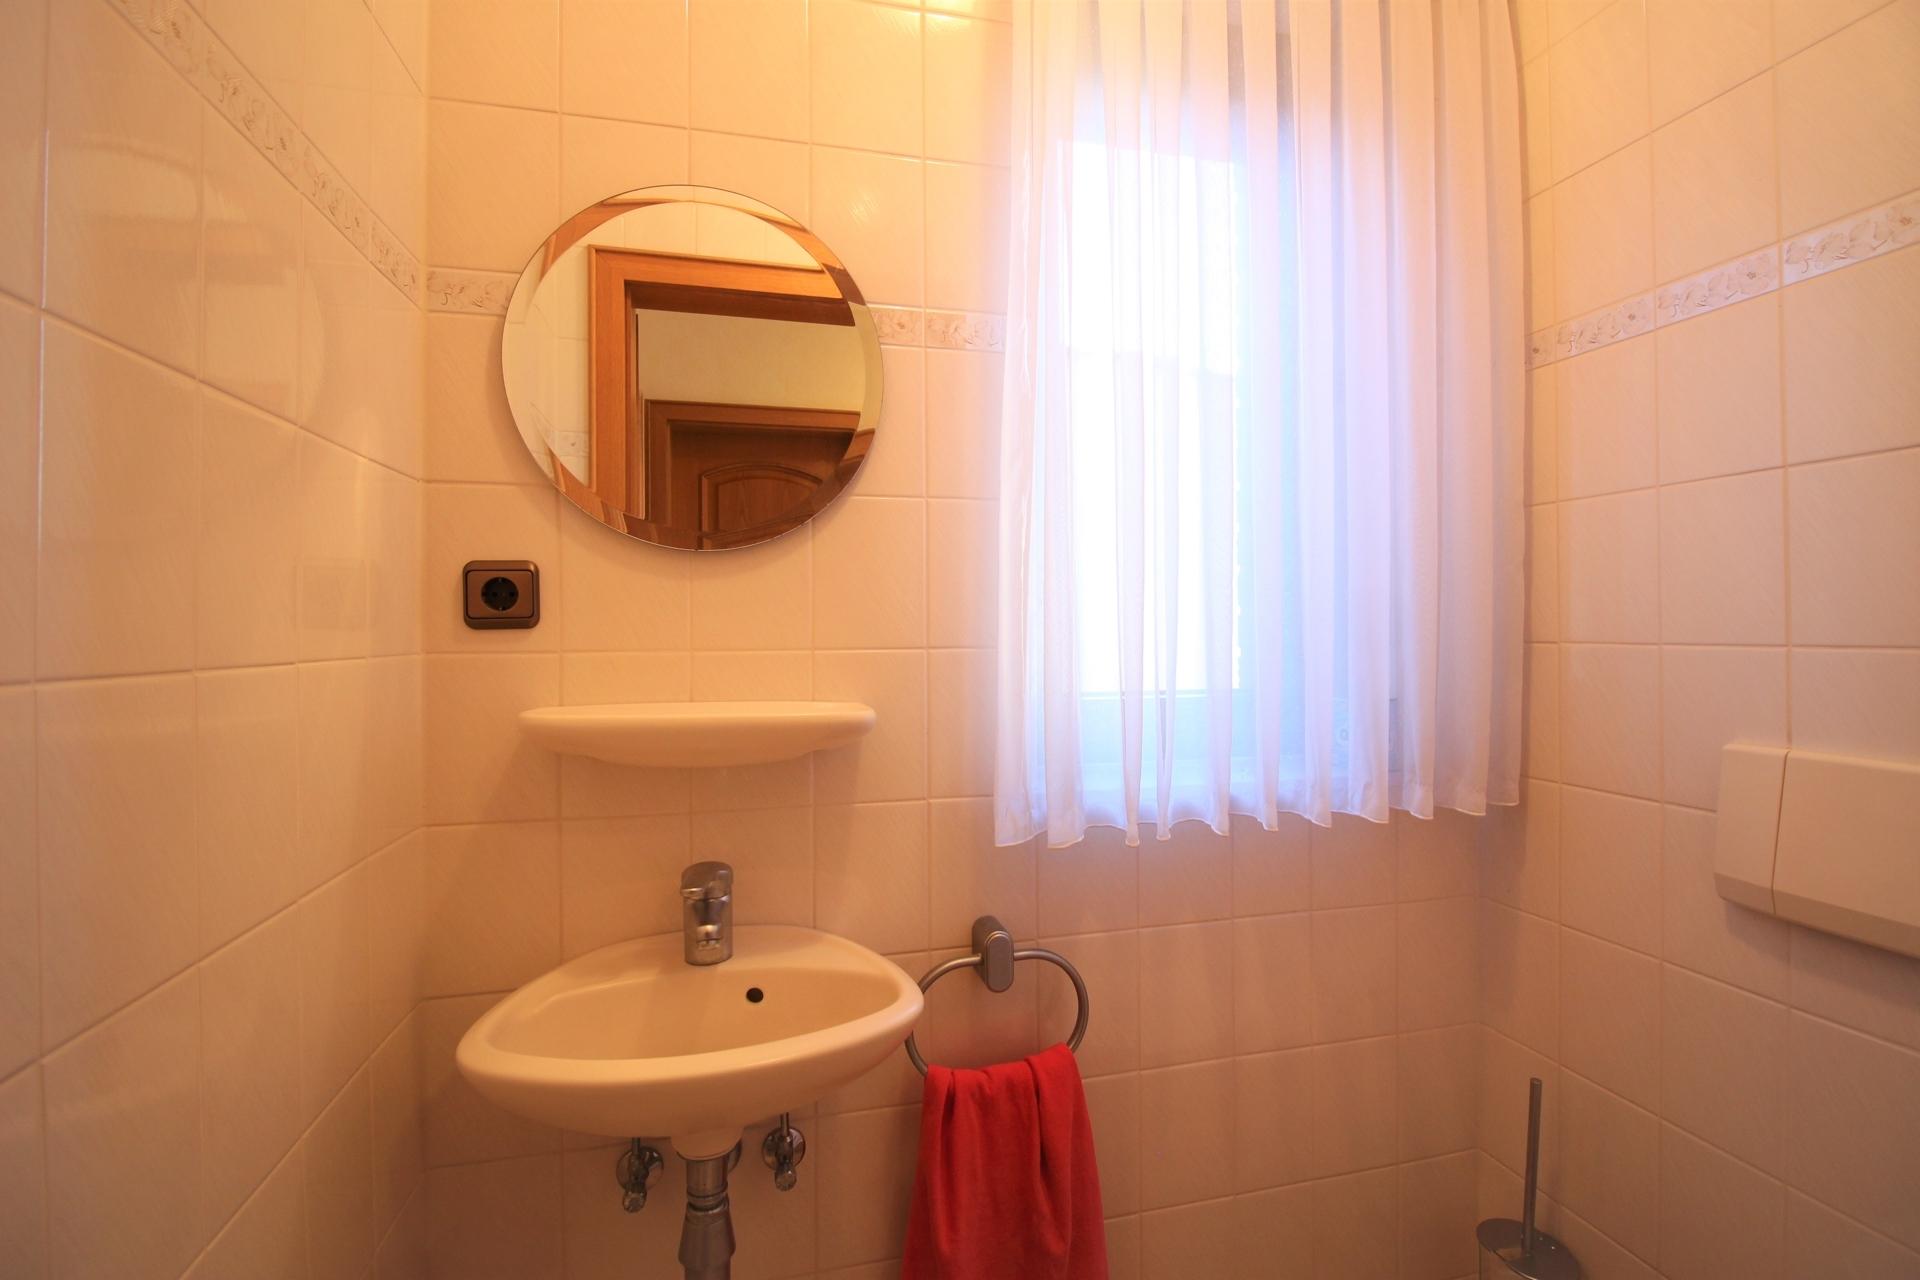 WC 1,01 m x 1,20 m